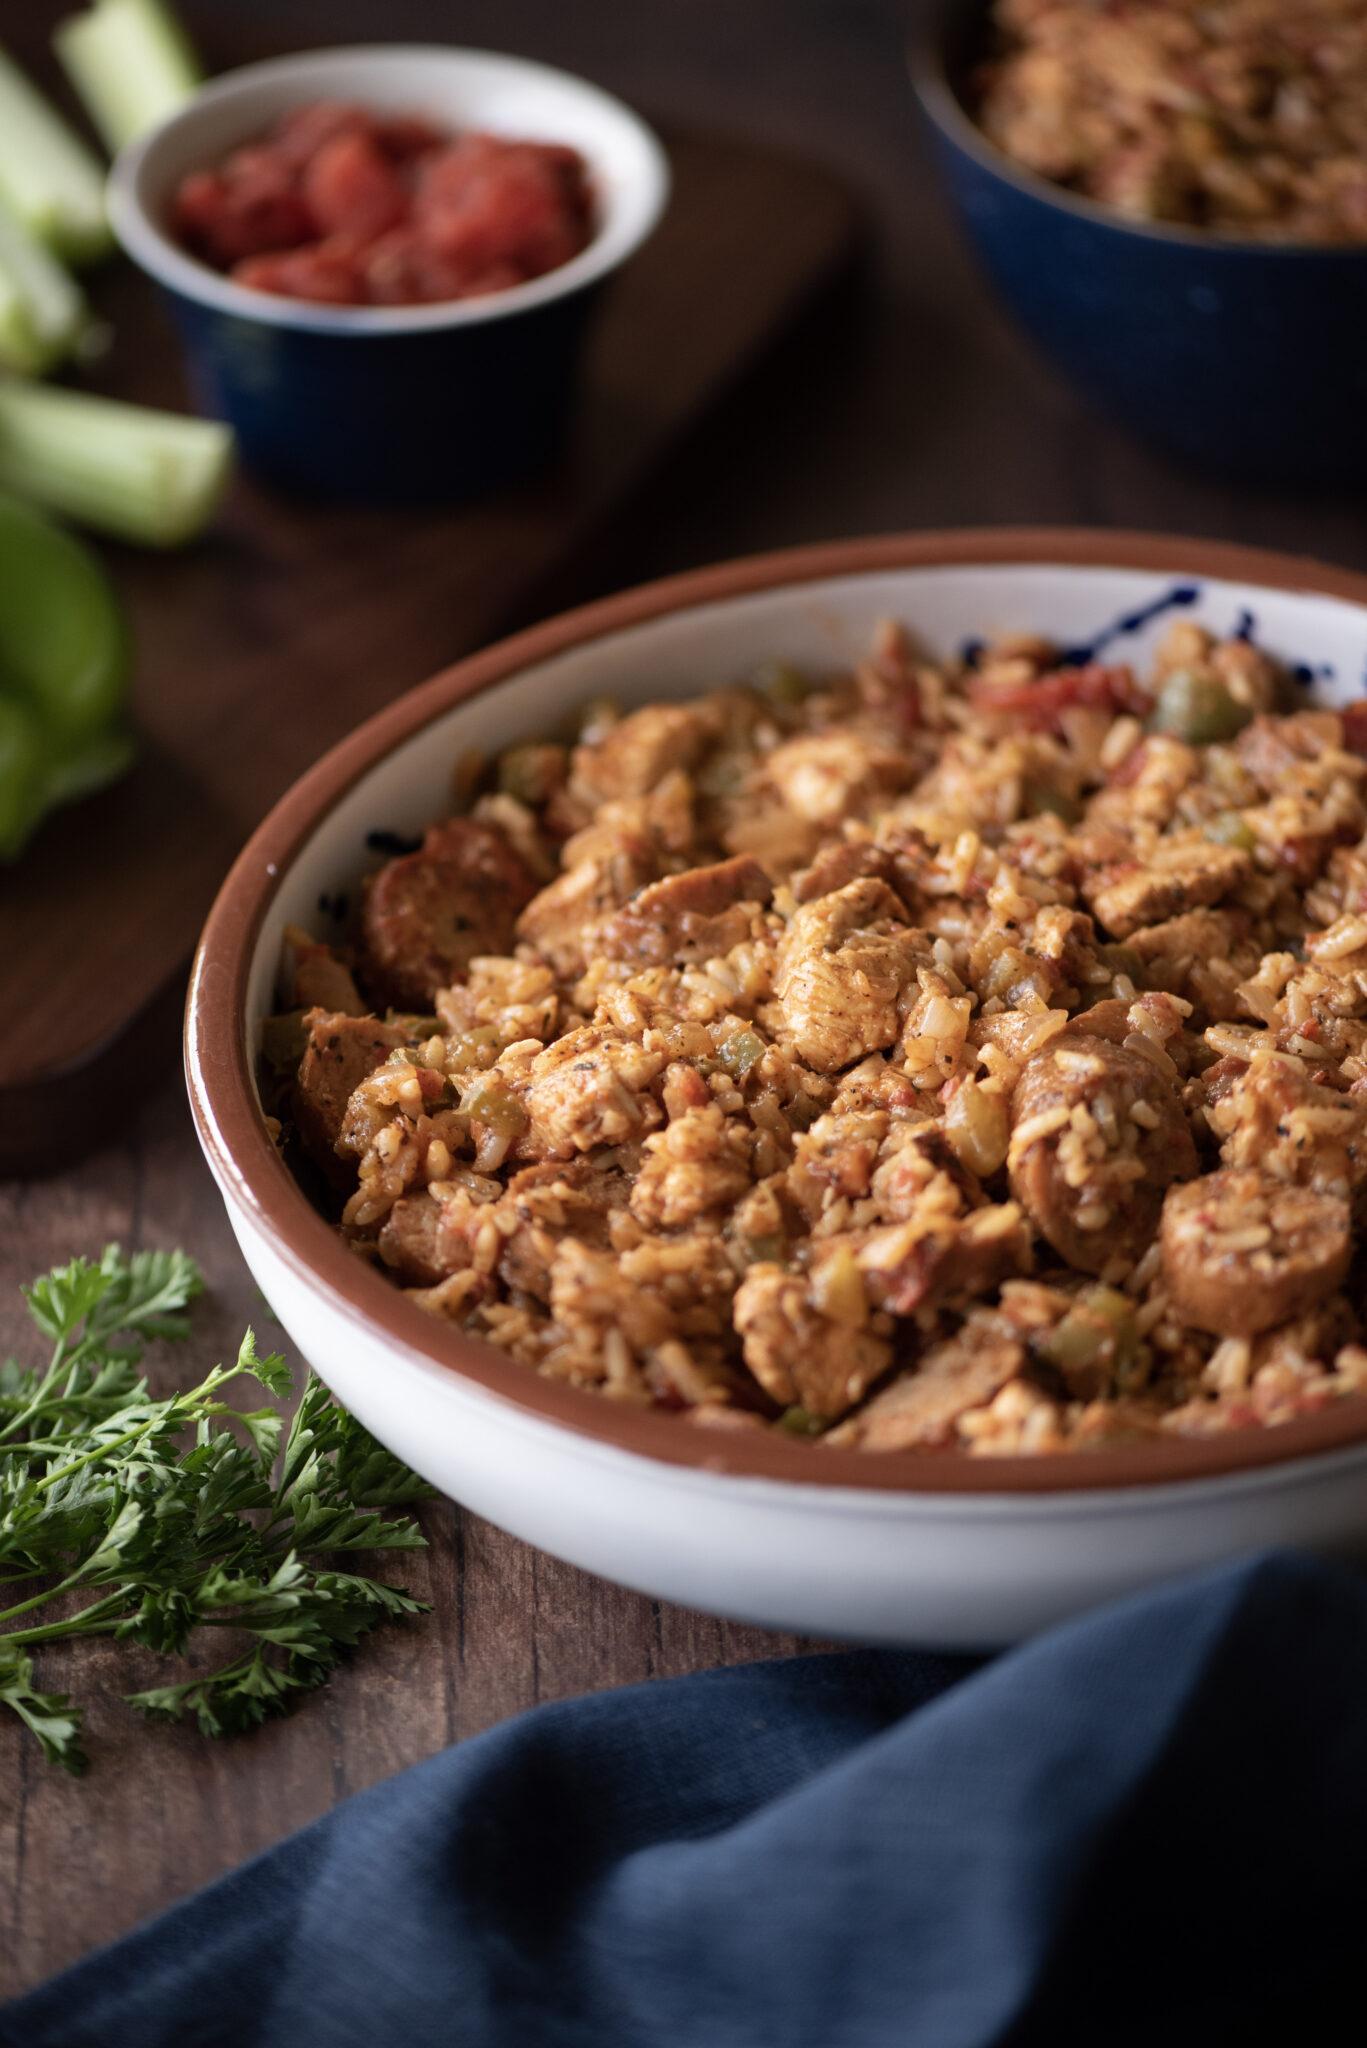 Large bowl of jambalaya